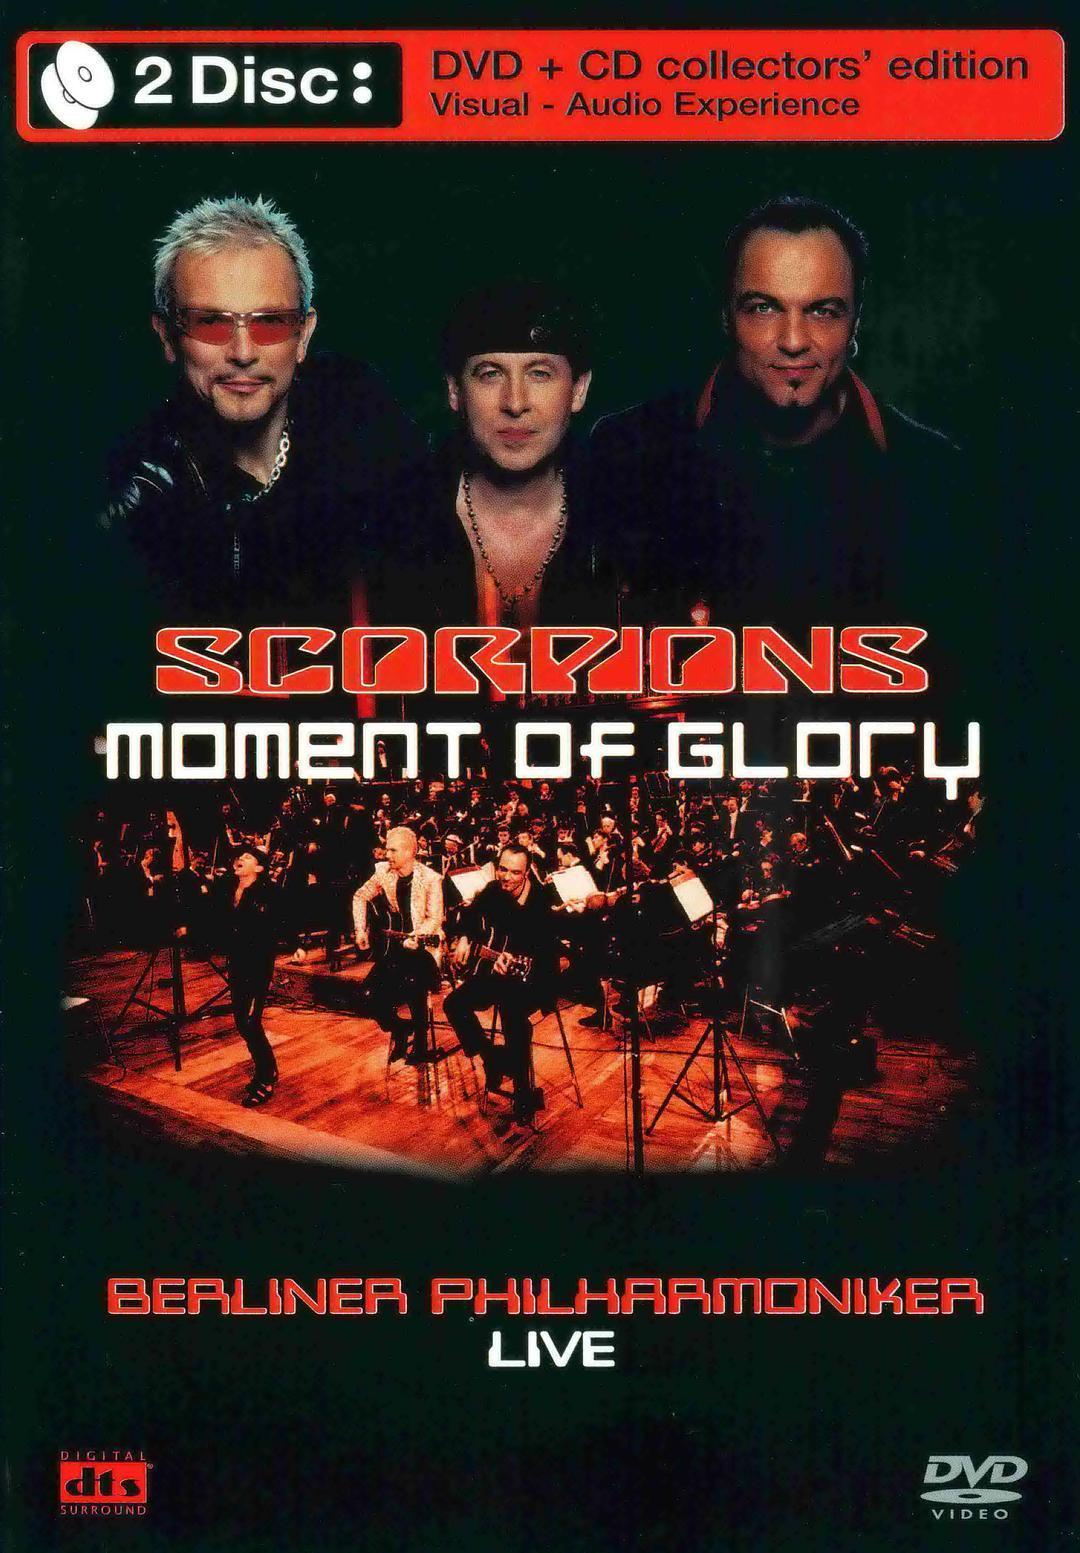 蝎子与交响乐团演唱会